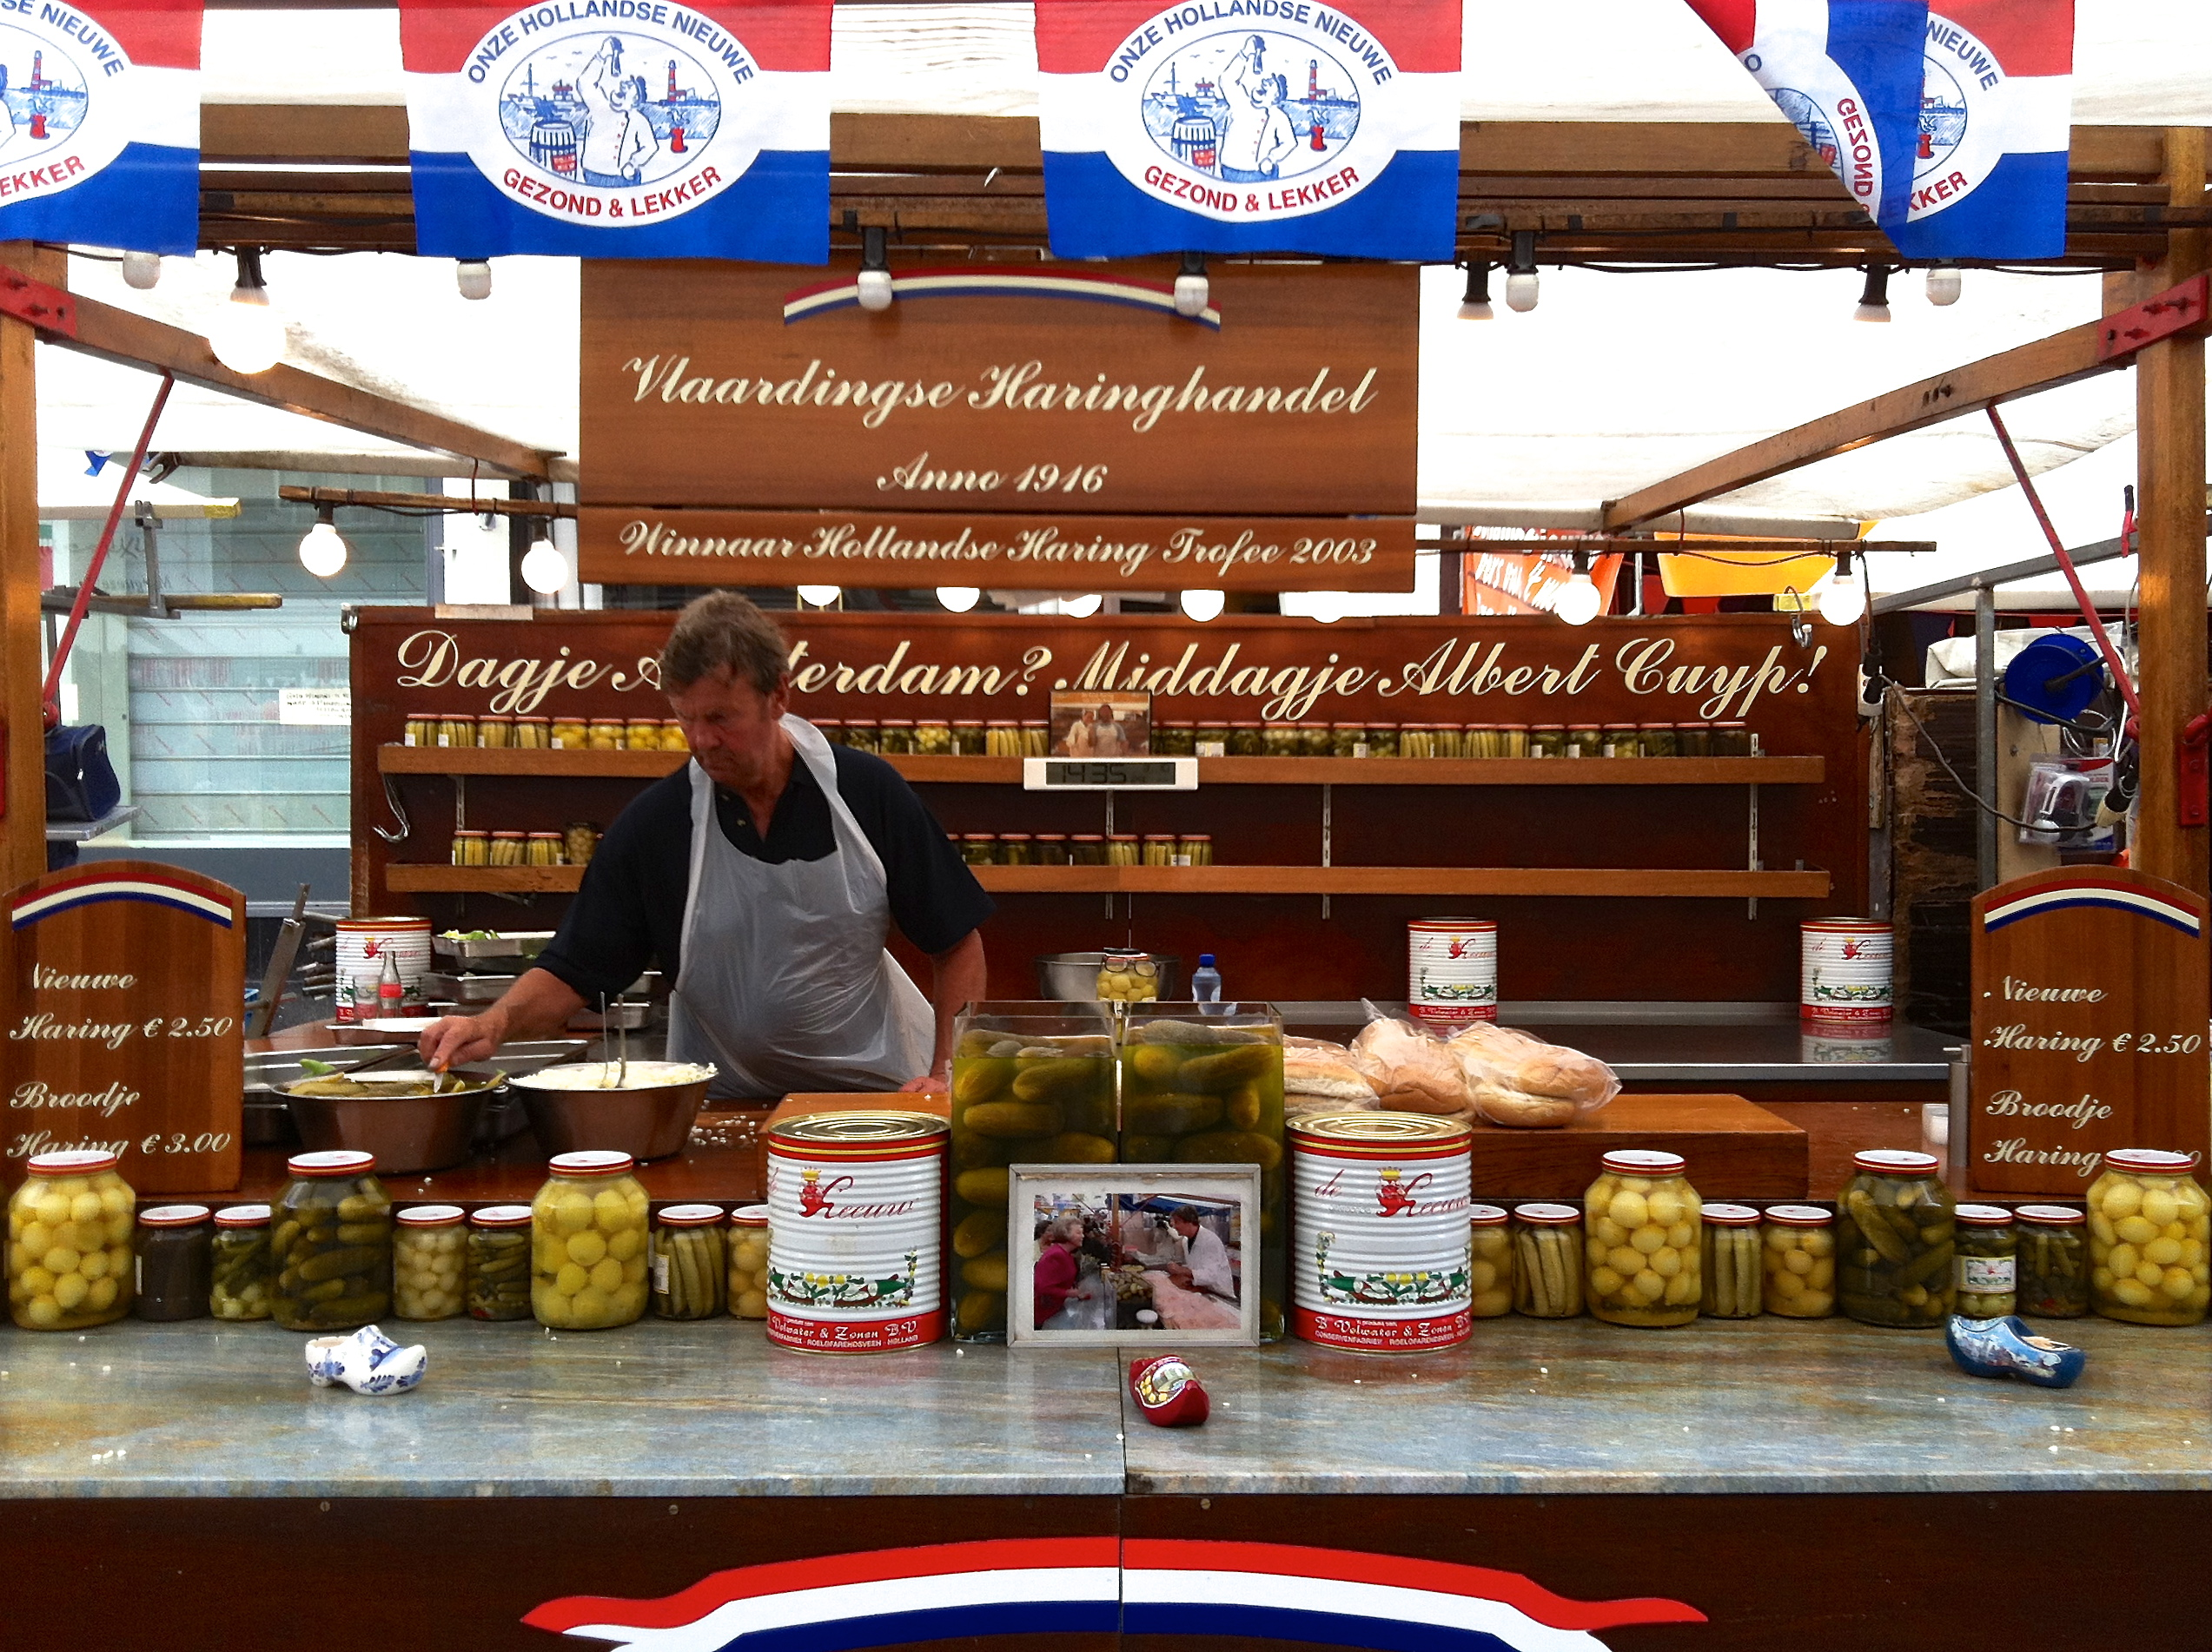 Haring van de Vlaardingse Vishandel op de Albert Cuyp martkt in Amsterdam